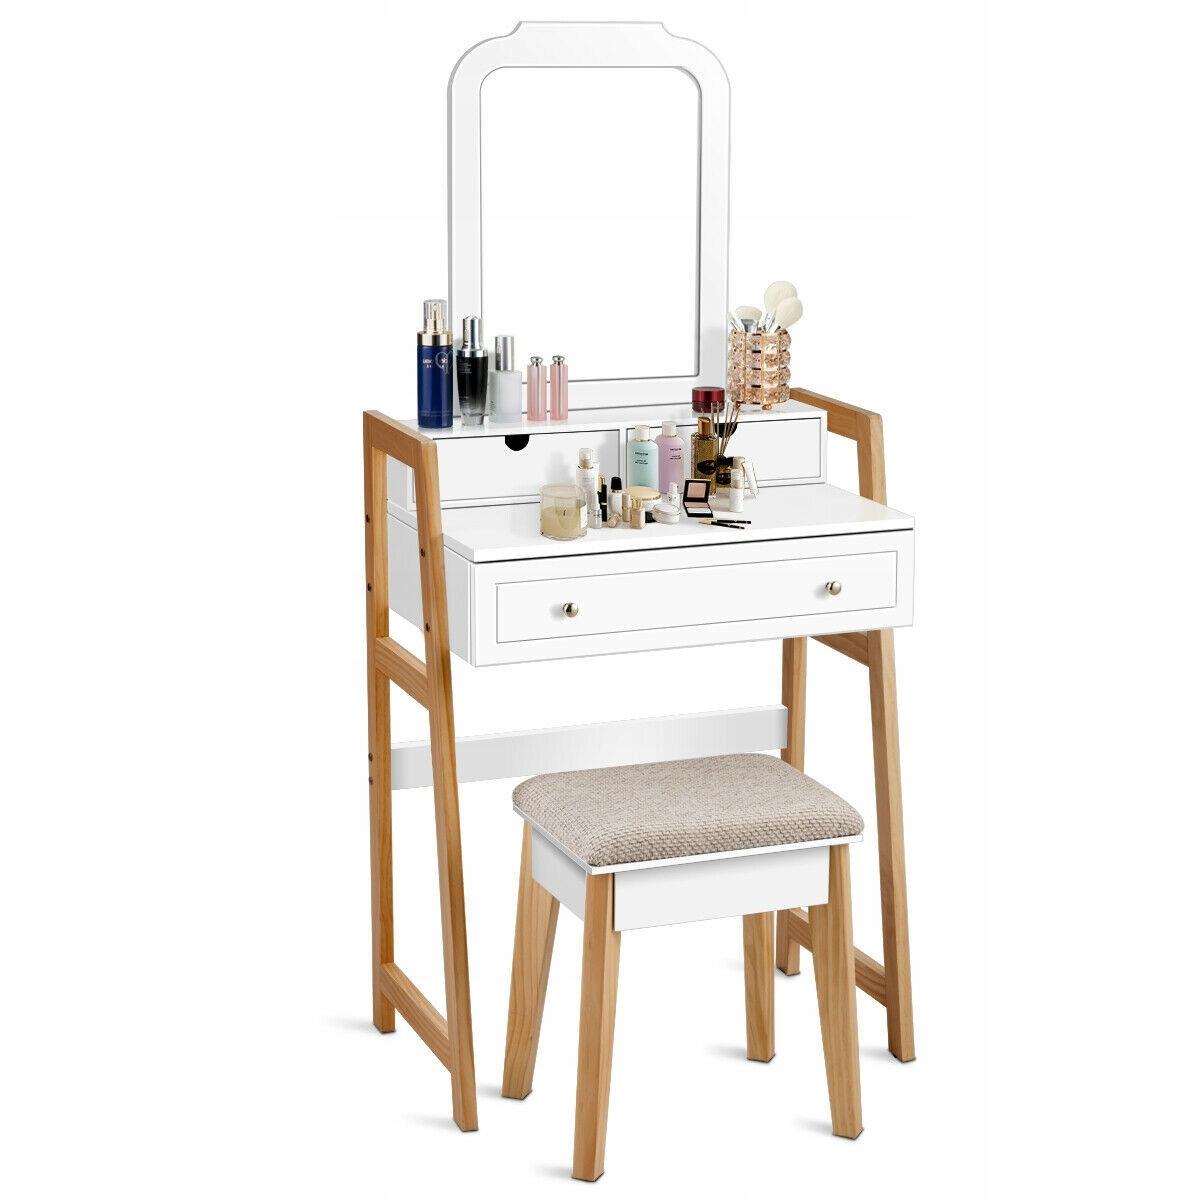 Туалетный столик COSMETIC с зеркалом новый дизайн. Цвет мебели белый.